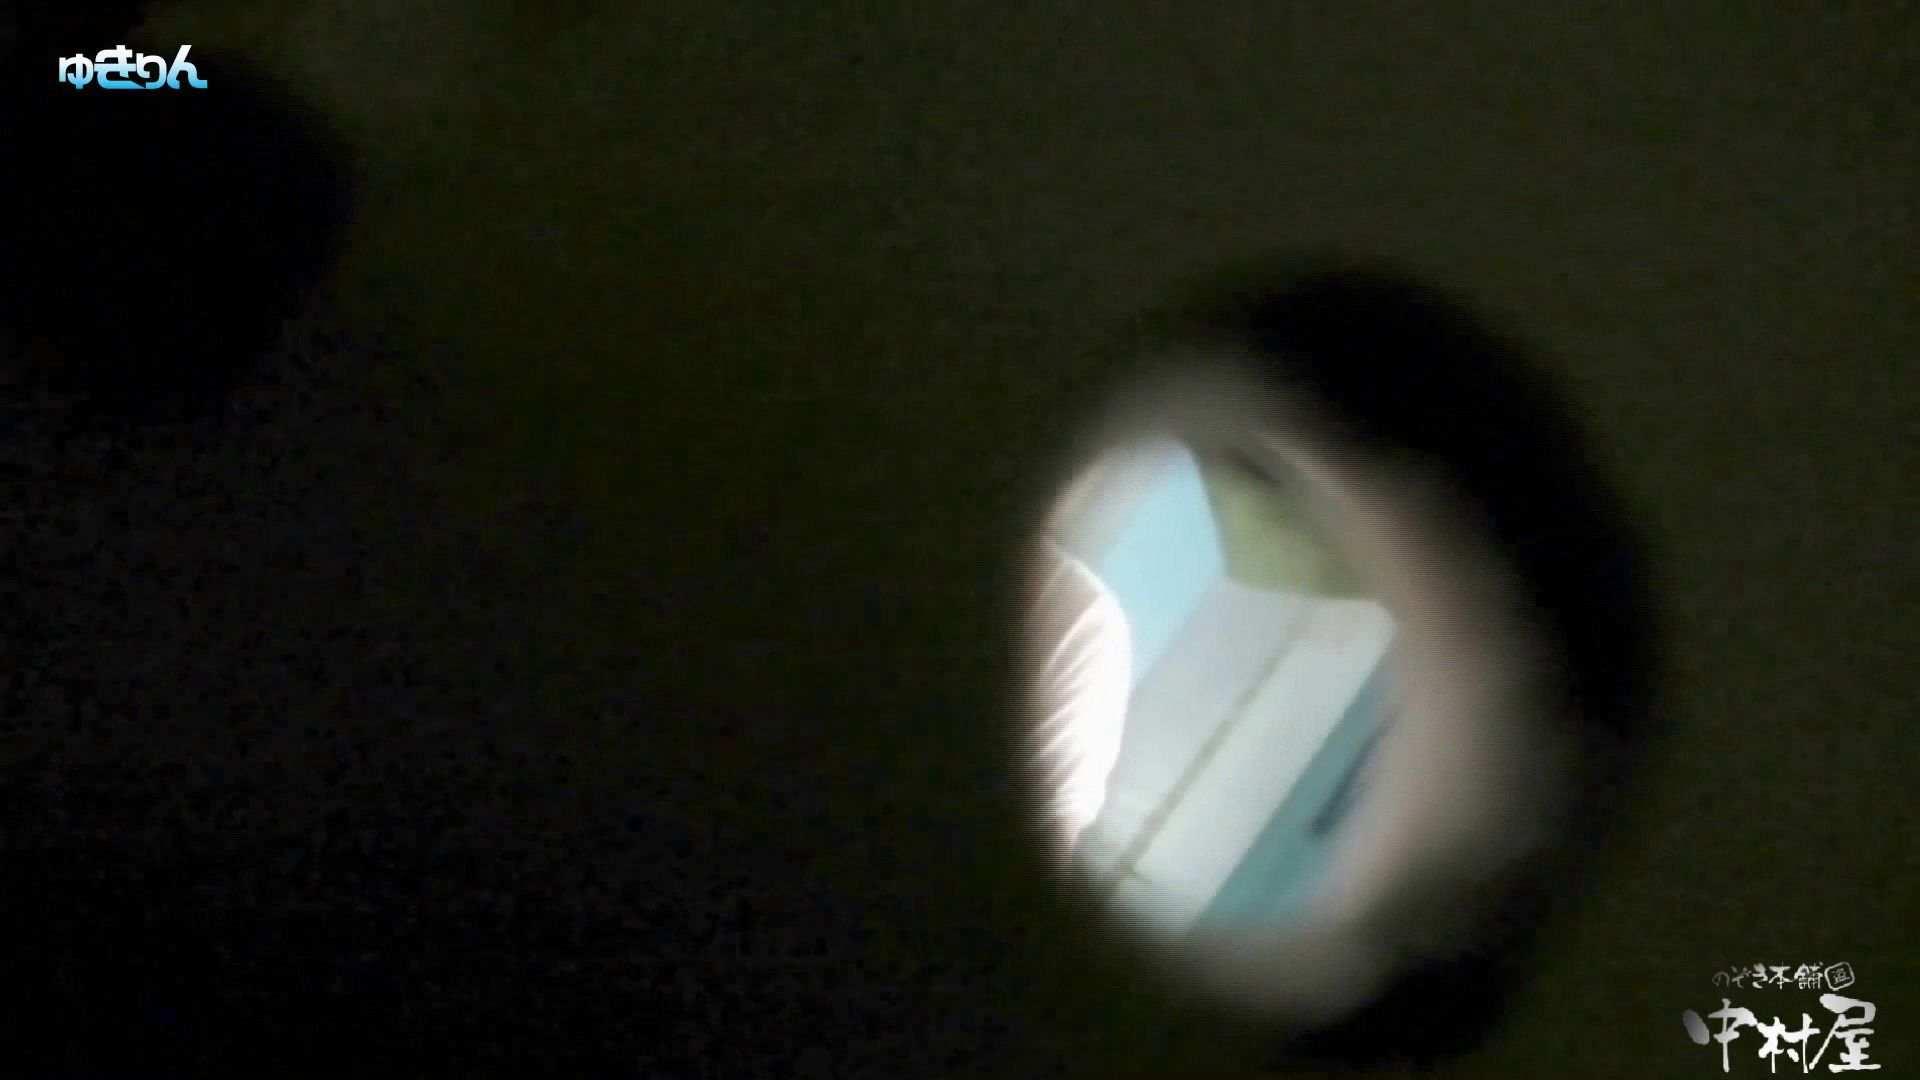 世界の射窓から~ステーション編~ vol56 すごいM字開脚してくれます。後編 盗撮シリーズ  85PIX 6